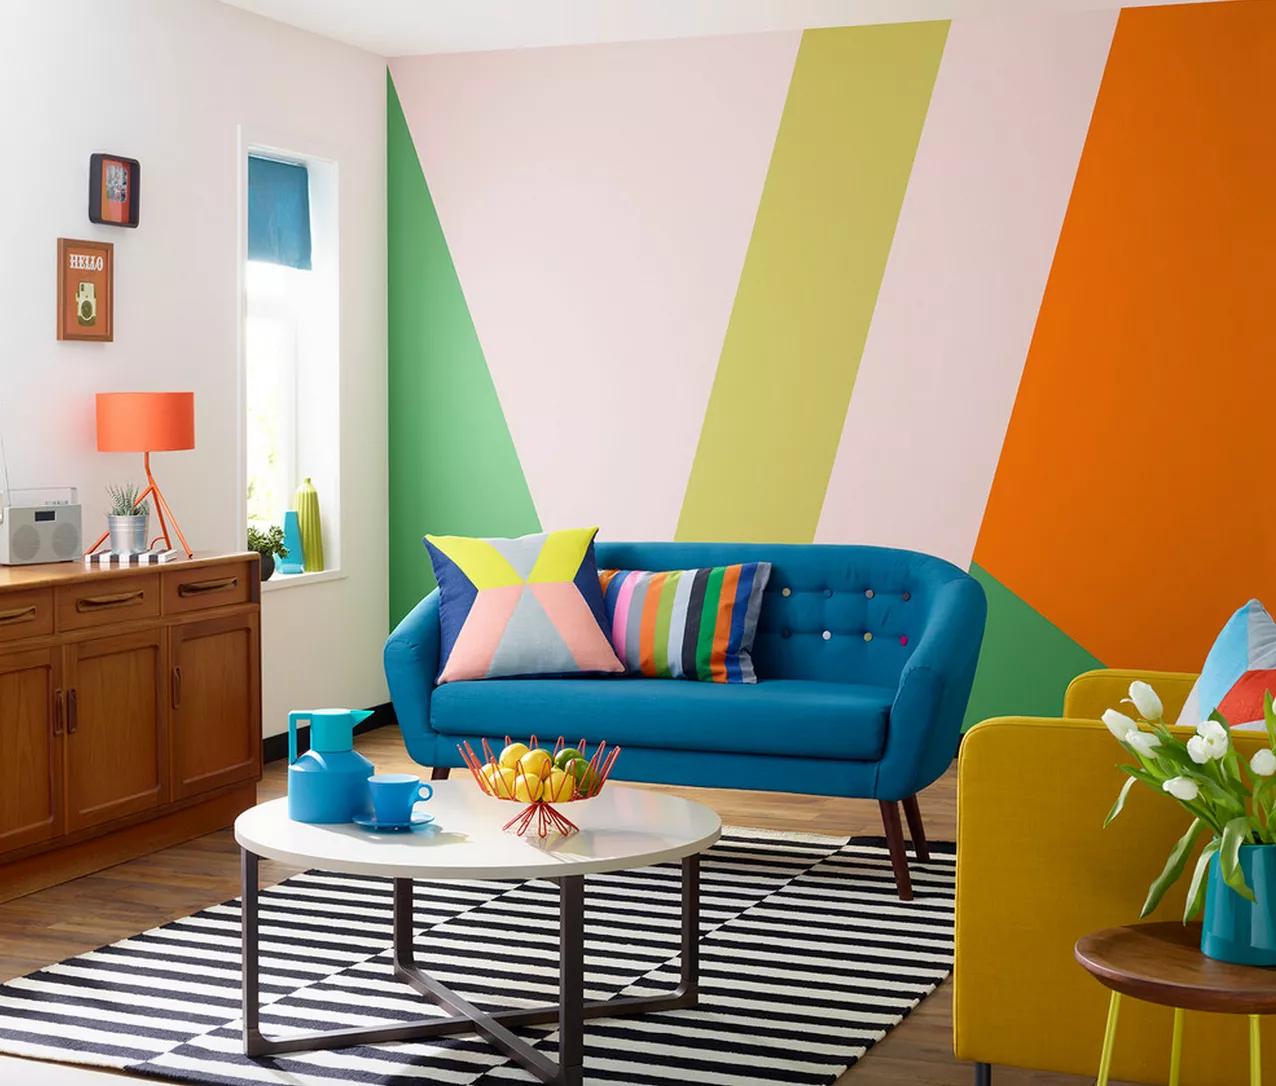 ห้องรับแขกสวยๆ แบบที่ 14 แบบห้องรับแขกหลากสีสัน สไตล์ป๊อป (Colorful Pop)